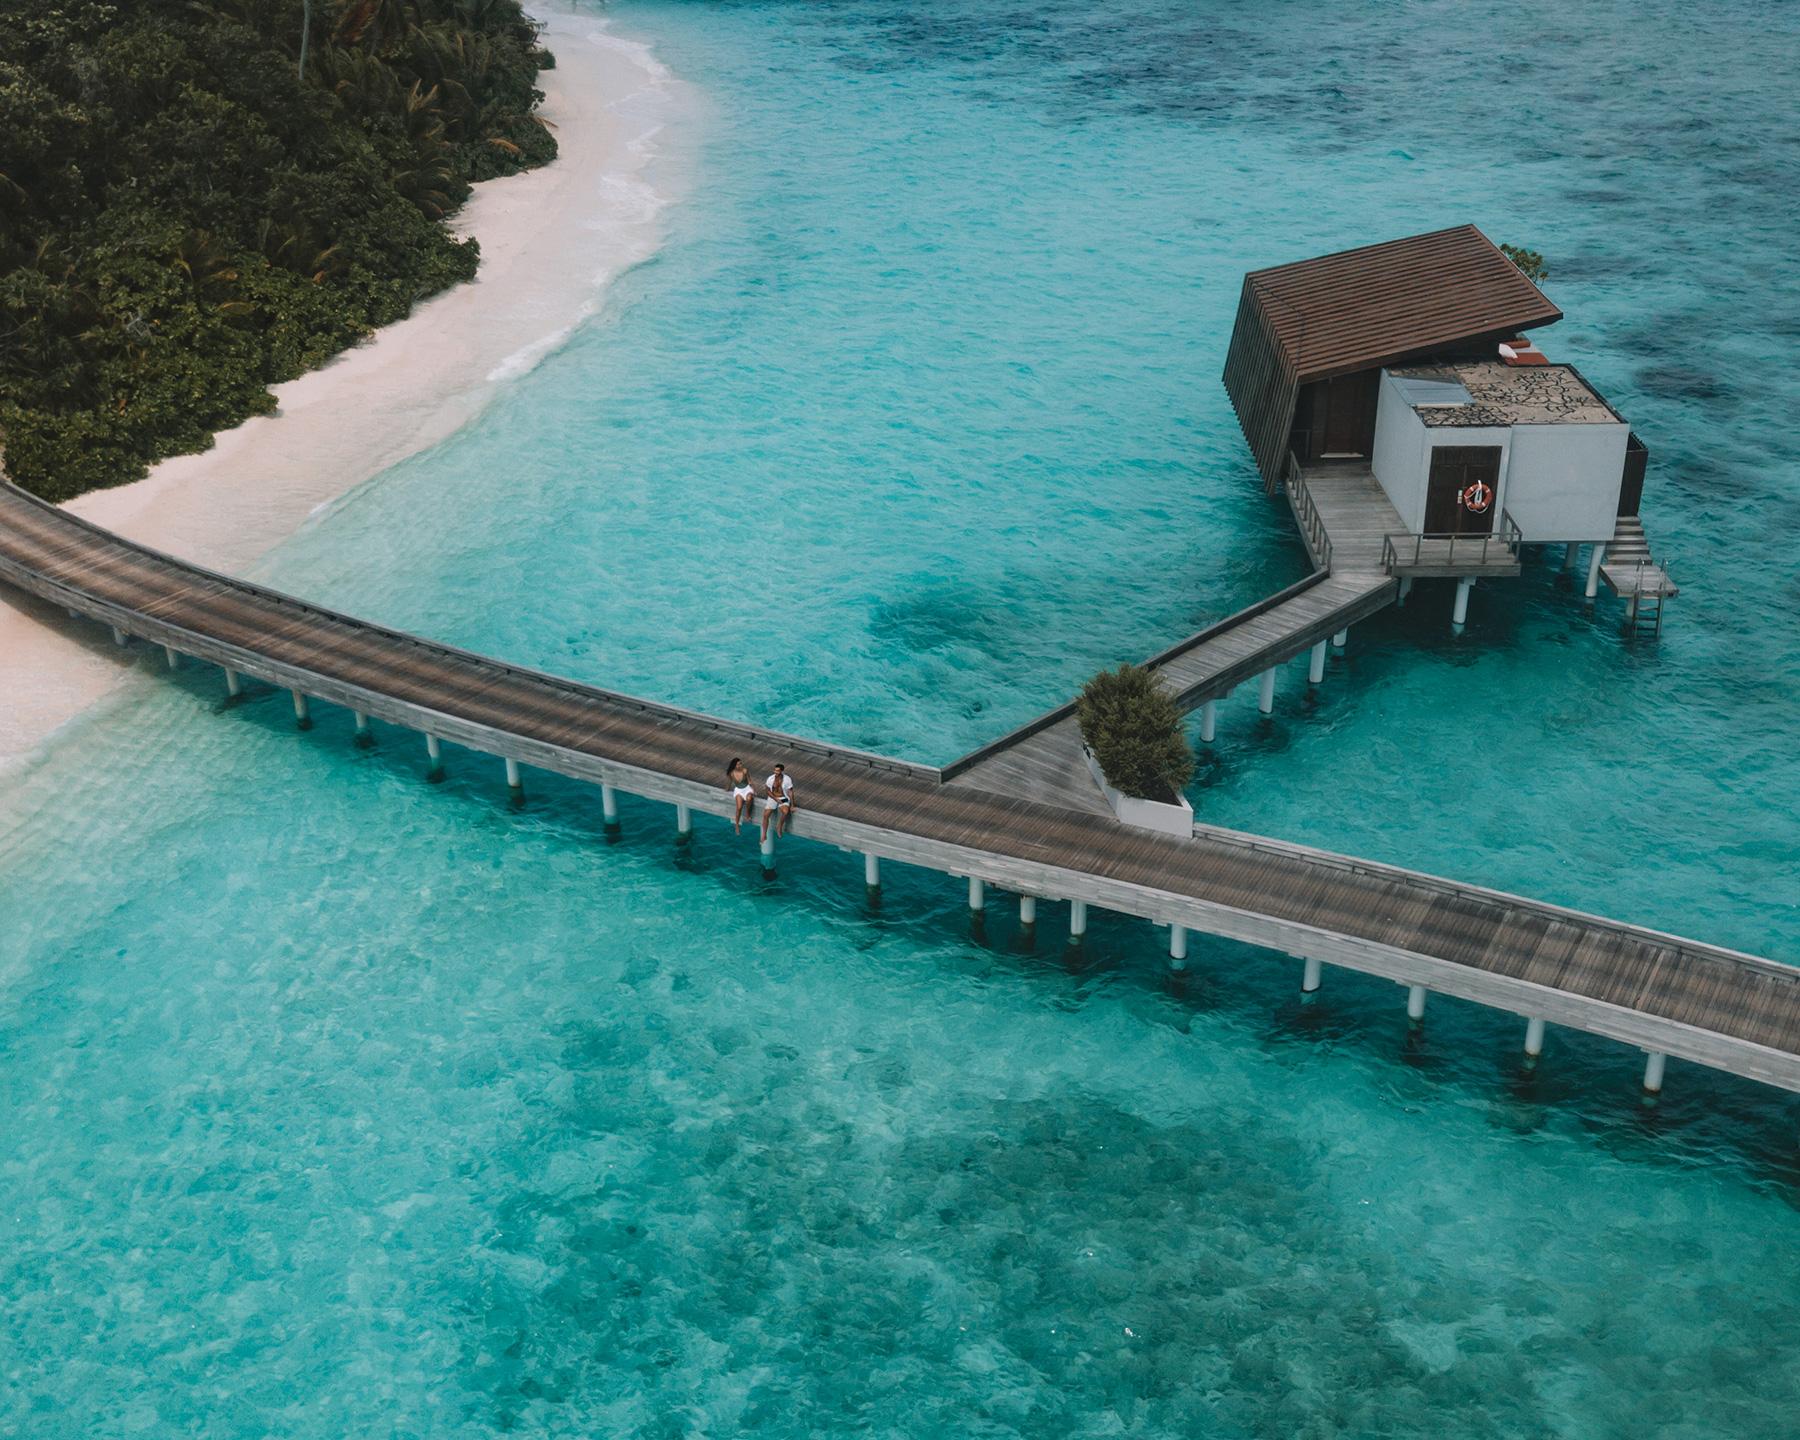 Park Hyatt Hadahaa Maldives Leading Resort